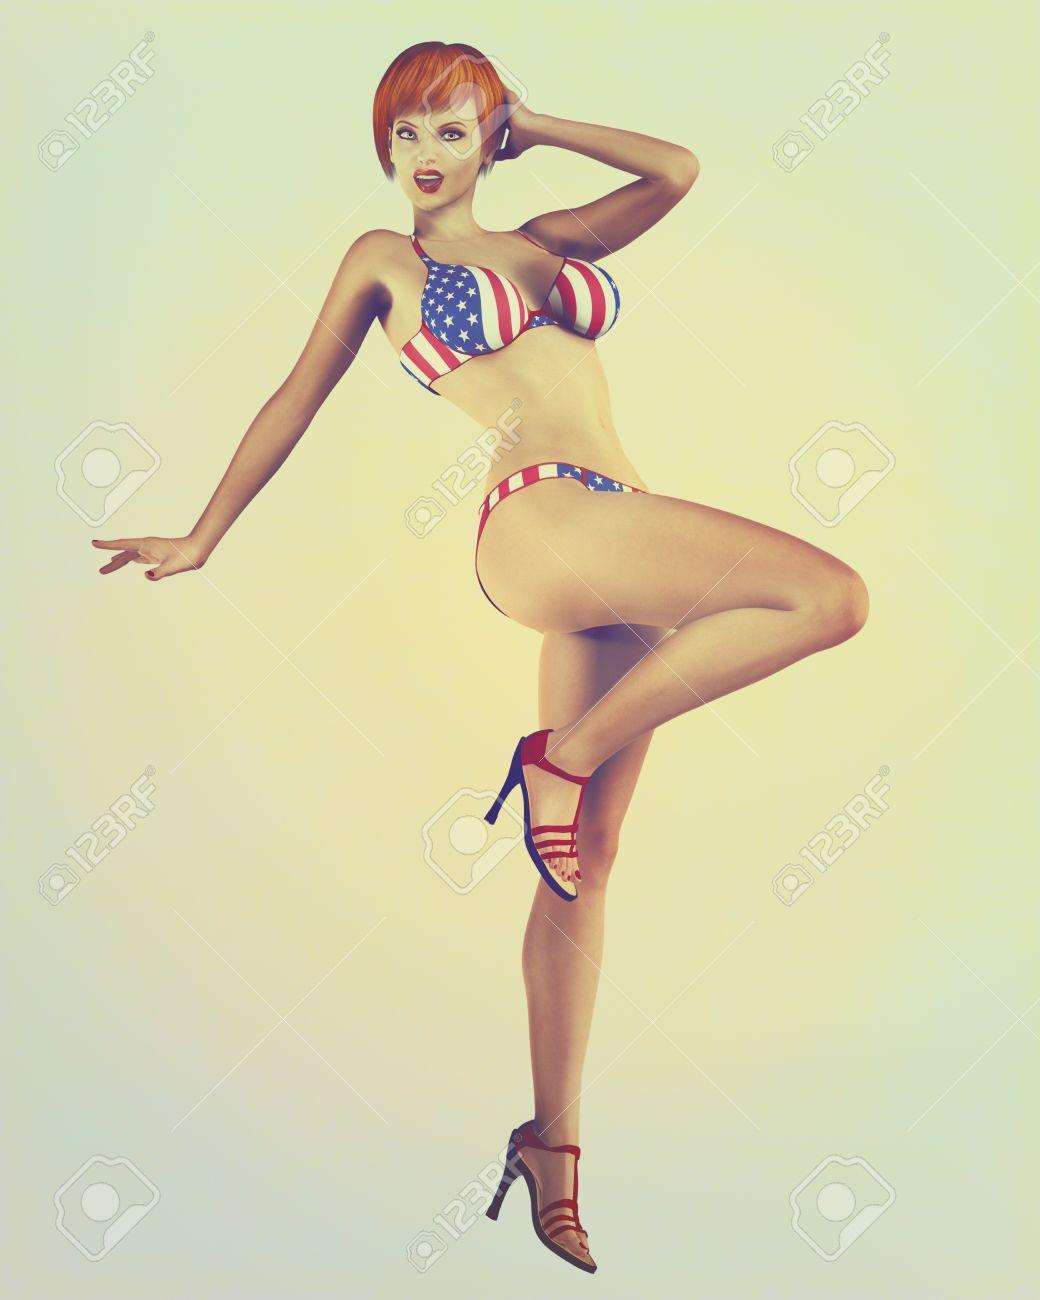 6c7a95780d85 Ilustración digital de un modelo pin-up clásico en un estilo vintage, retro  bikini bandera de Estados Unidos.